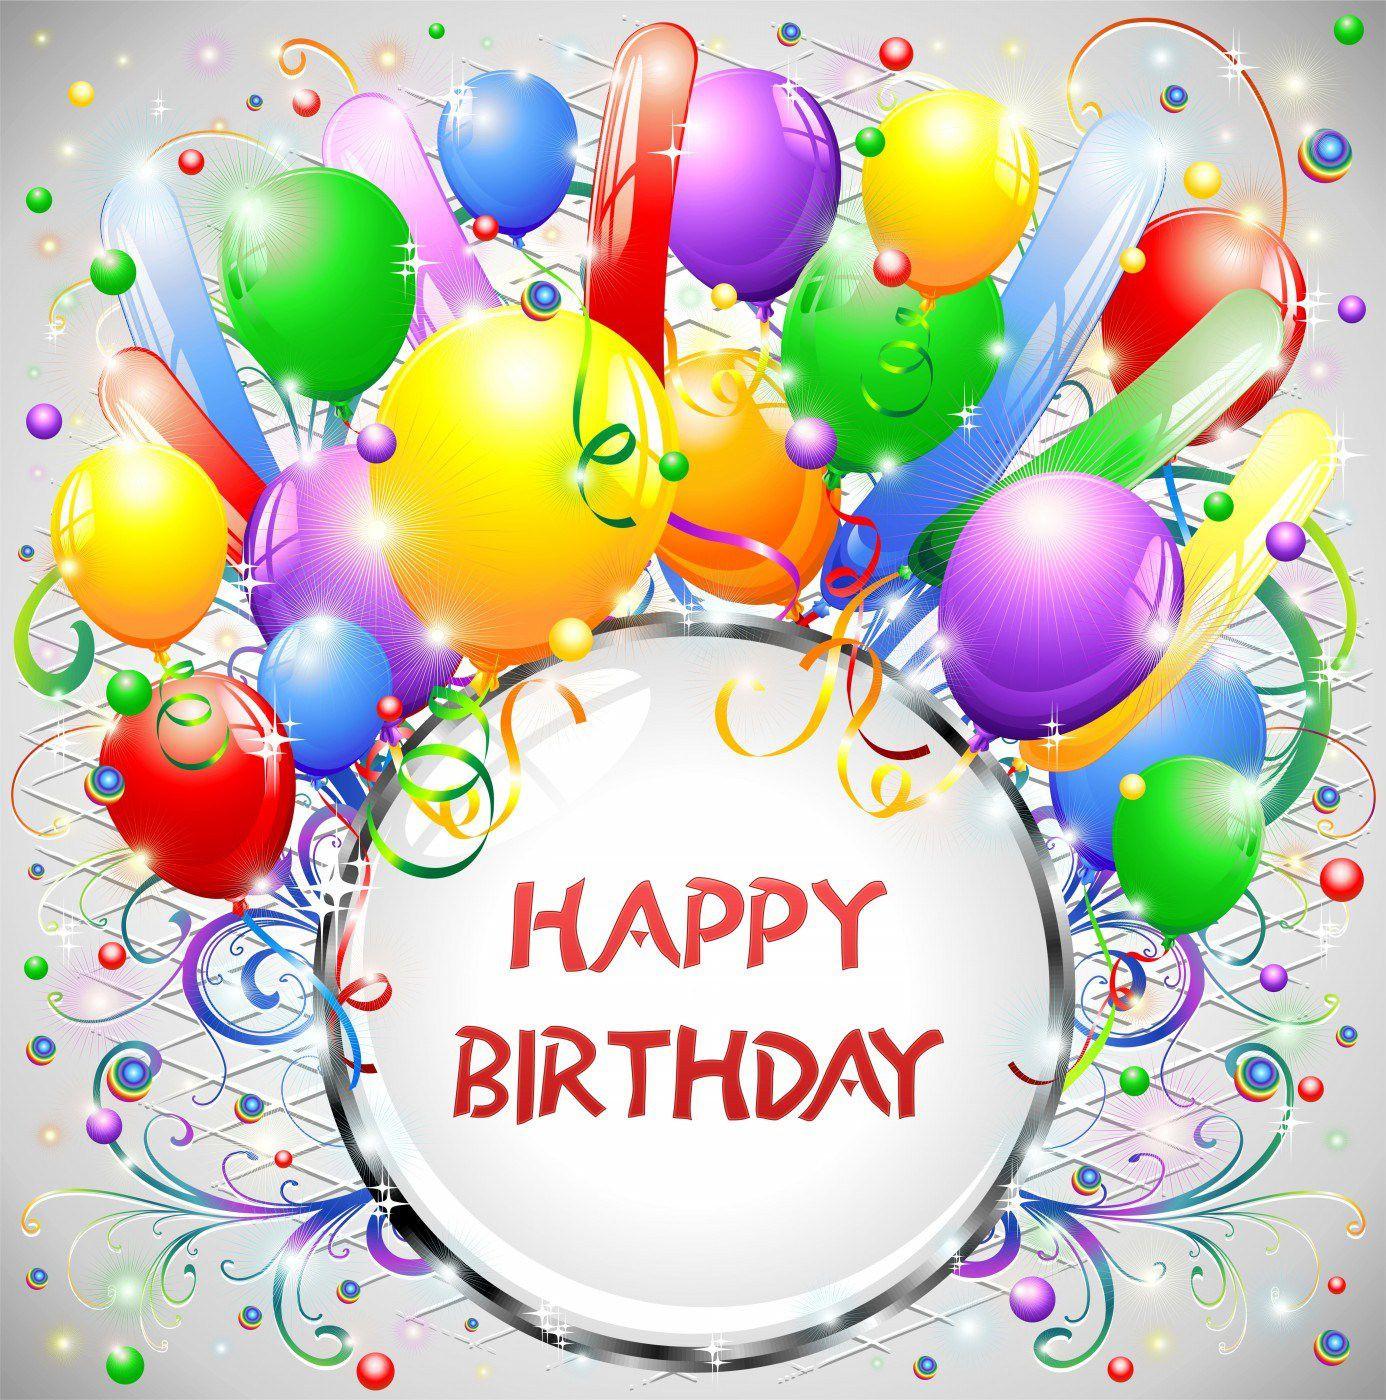 Coole Geburtstagswünsche  Whatsapp Geburtstagswünsche